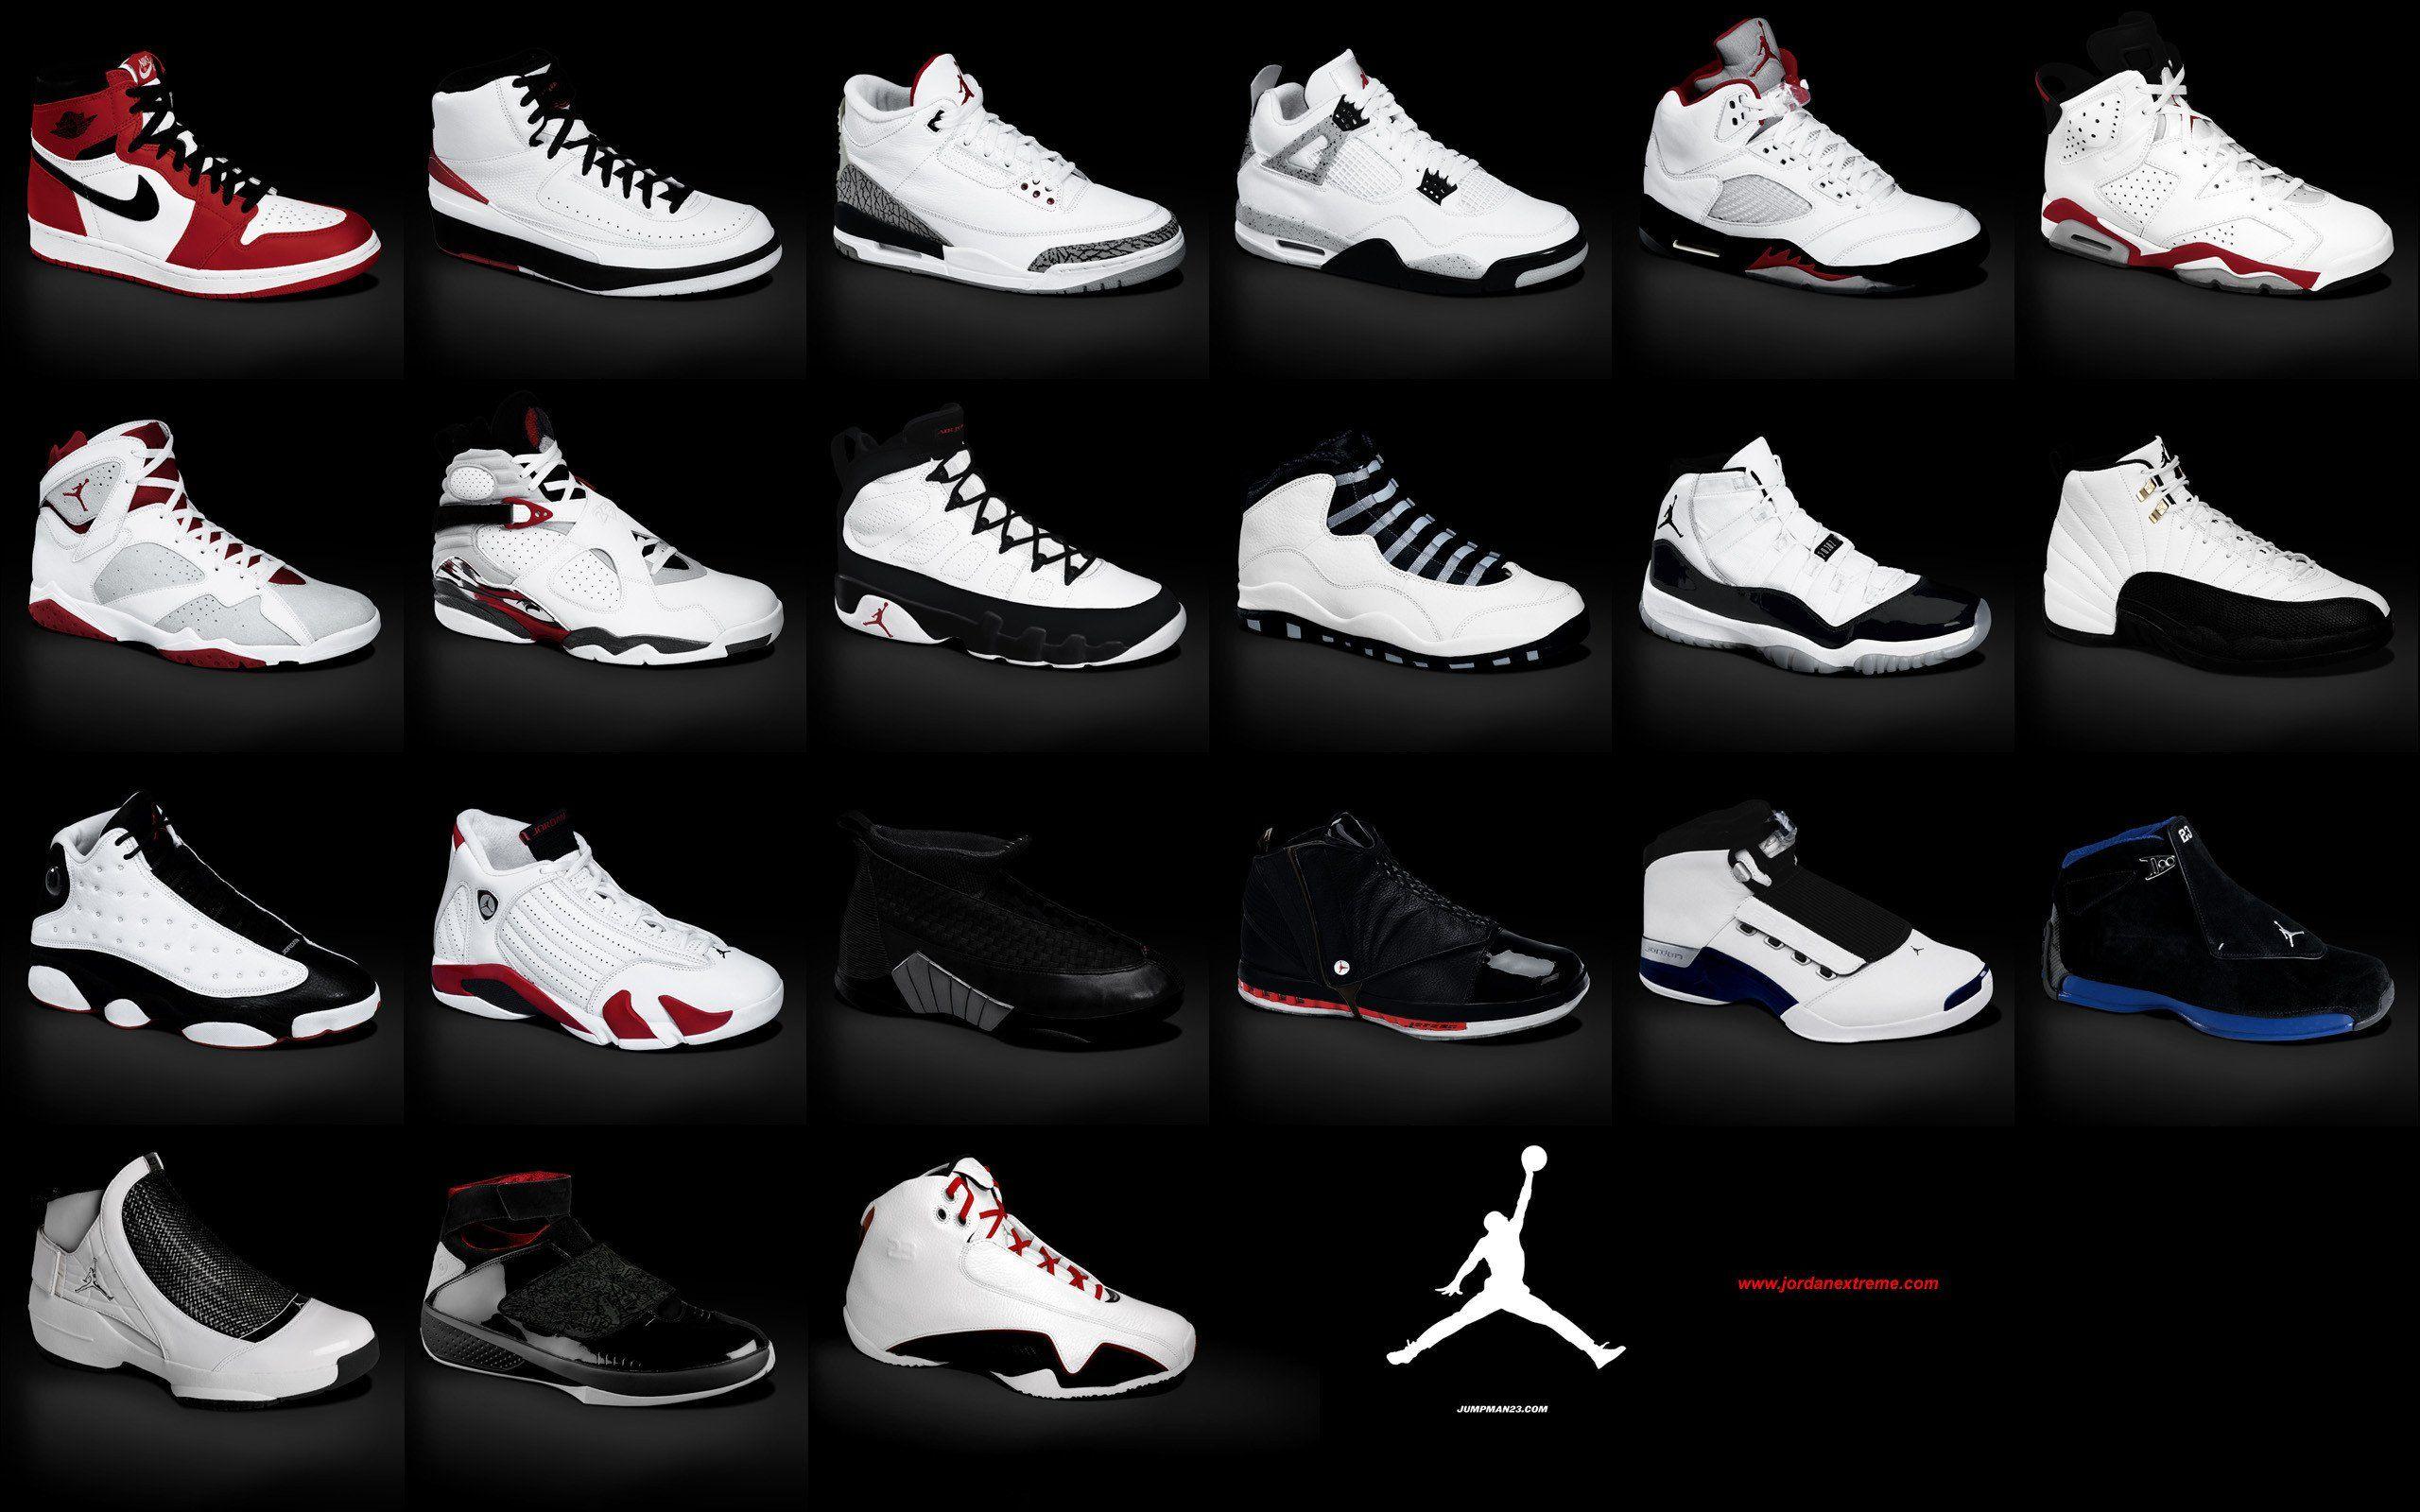 Nike Jordan Brand Shoes wallpaper HD in Sport Wallpapers HD